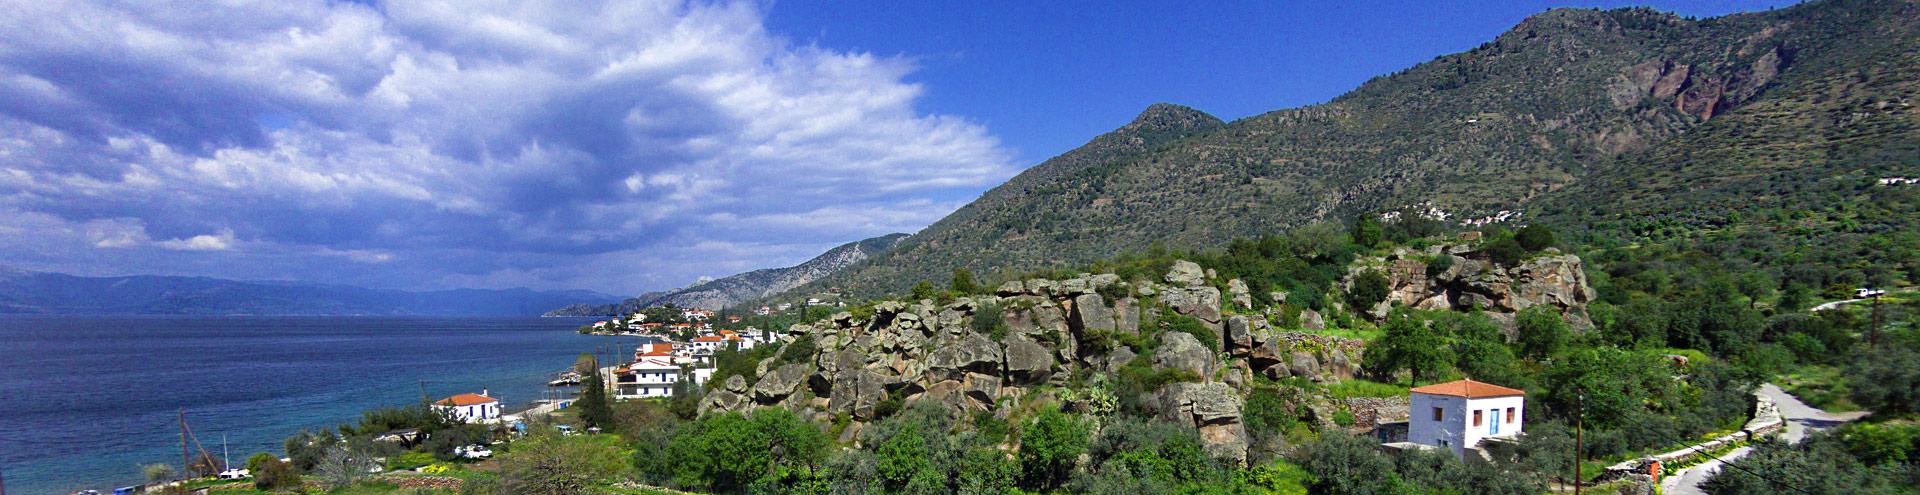 Η αρχαία ακροπόλη Παλιόκαστρο στο Βαθύ